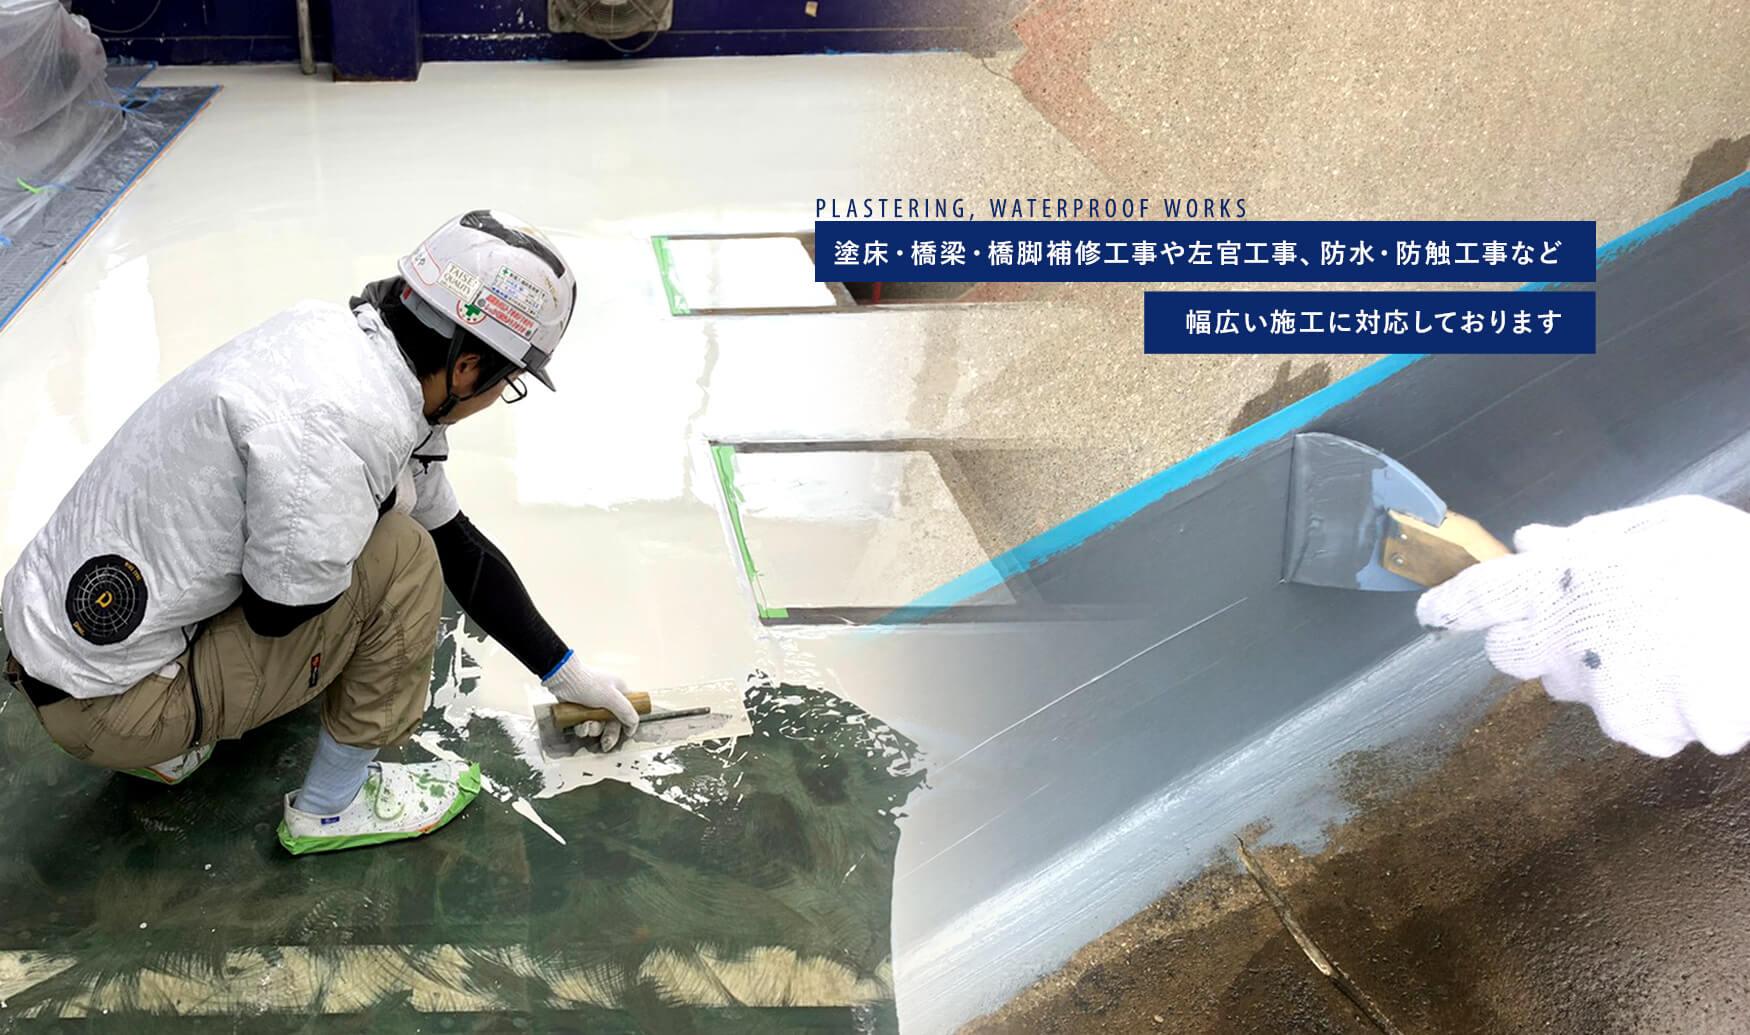 橋梁・橋脚補修工事や左官工事、防水・防触工事など幅広い施工に対応しております